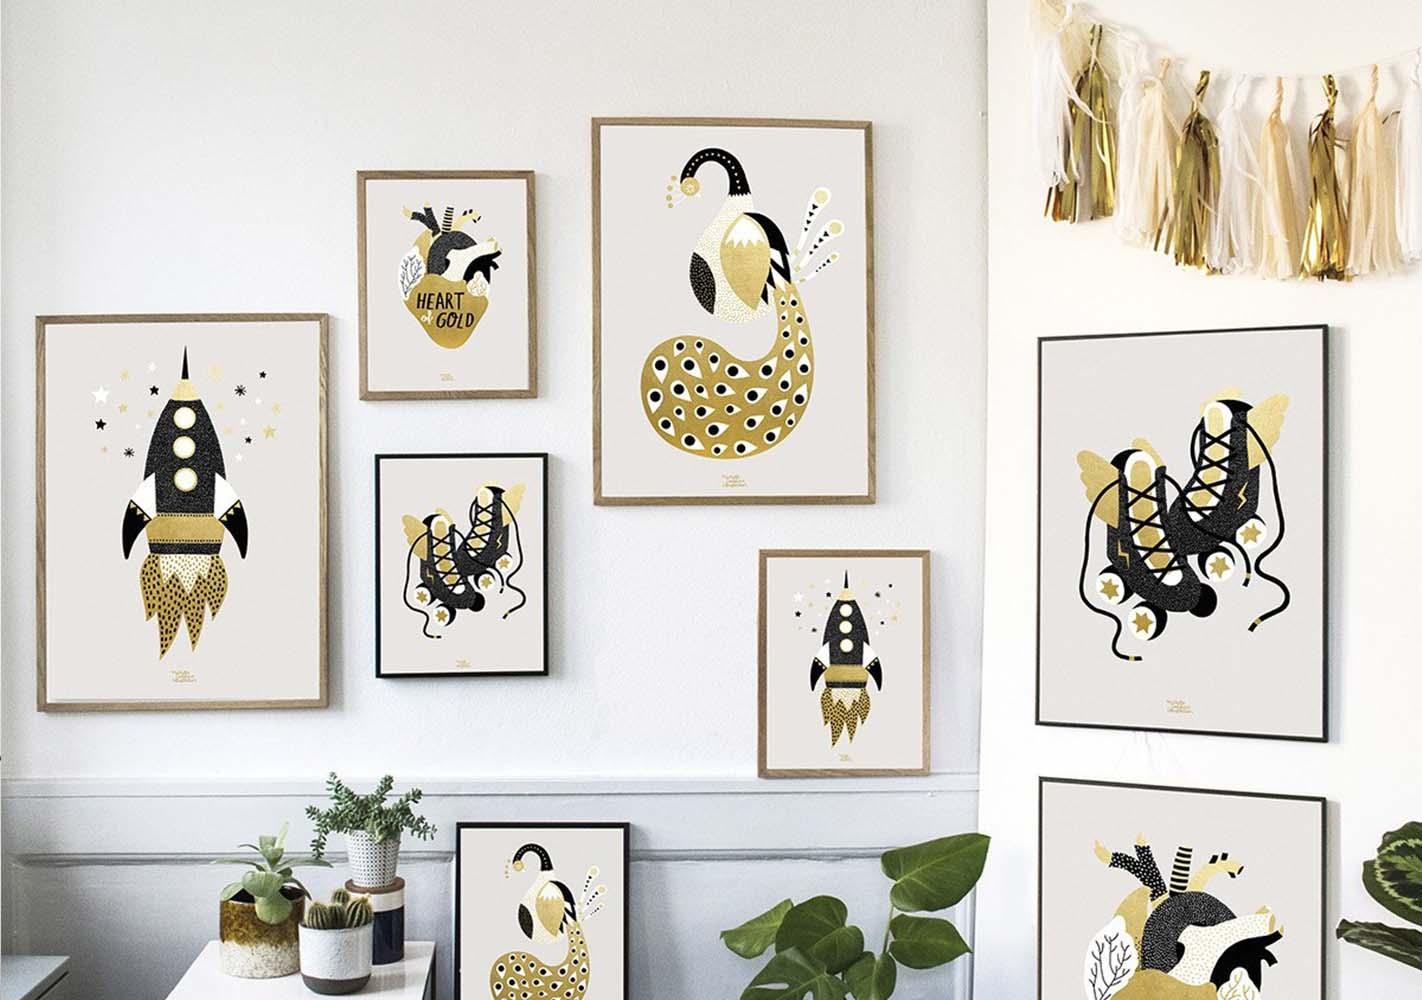 Affiche Gold Peacock - MICHELLE CARLSLUND